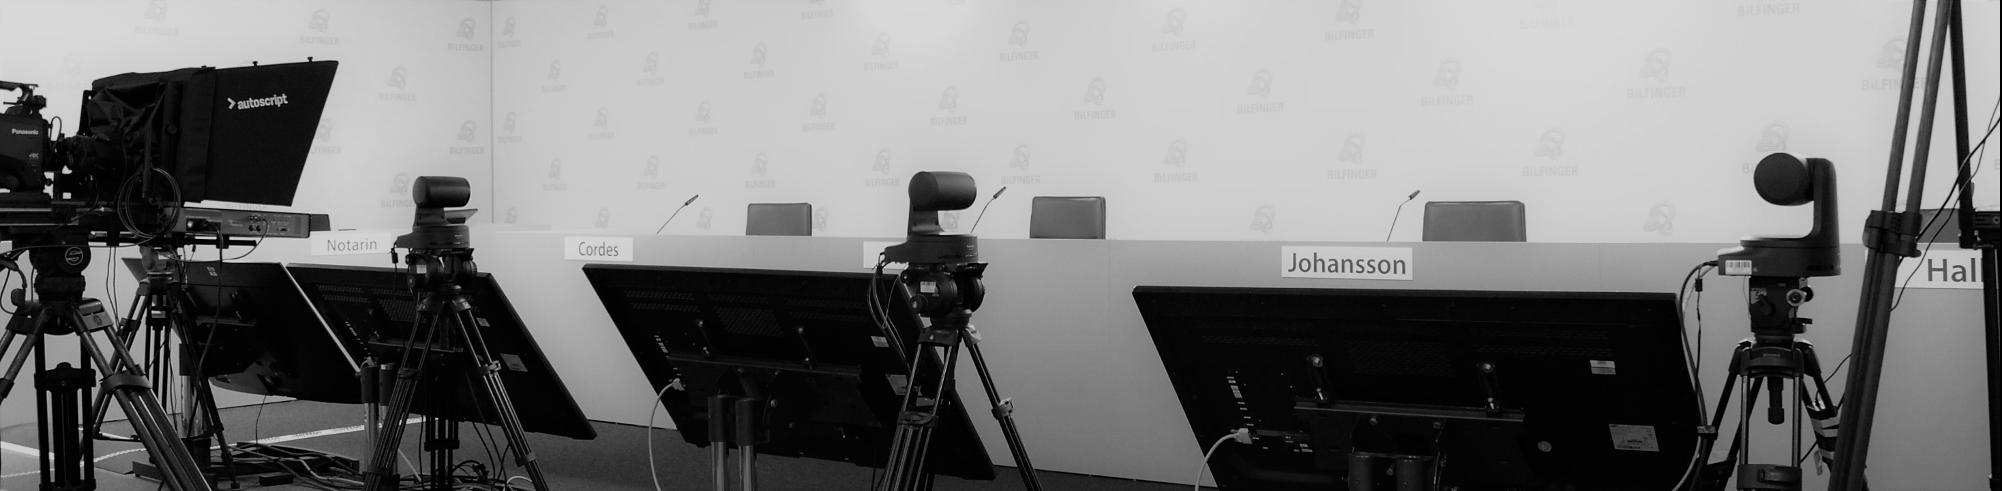 News von ACETEC: Wir betreuen die virtuelle Hauptversammlung der Bilfinger SE